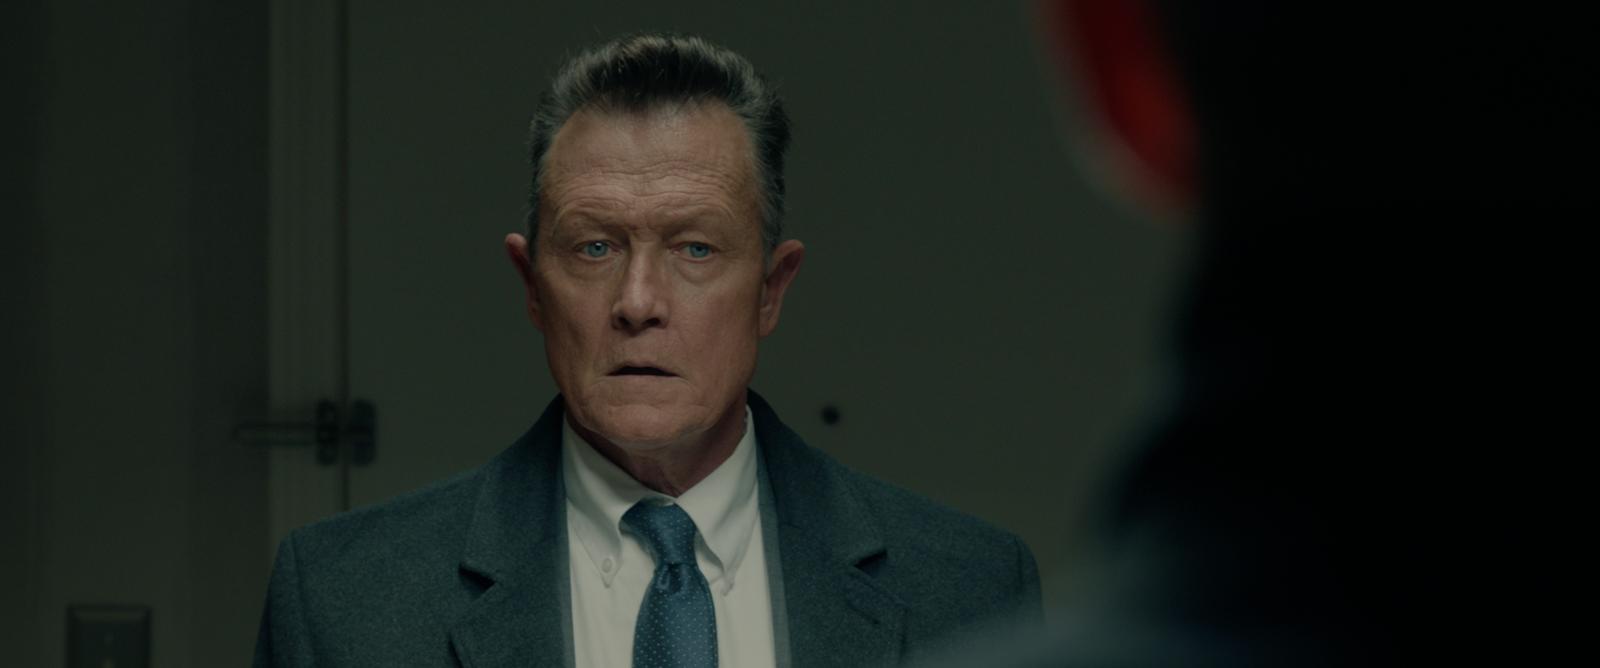 The Good Criminal - le nouveau film de Liam Neeson, au Cinéma le 14 octobre 2020